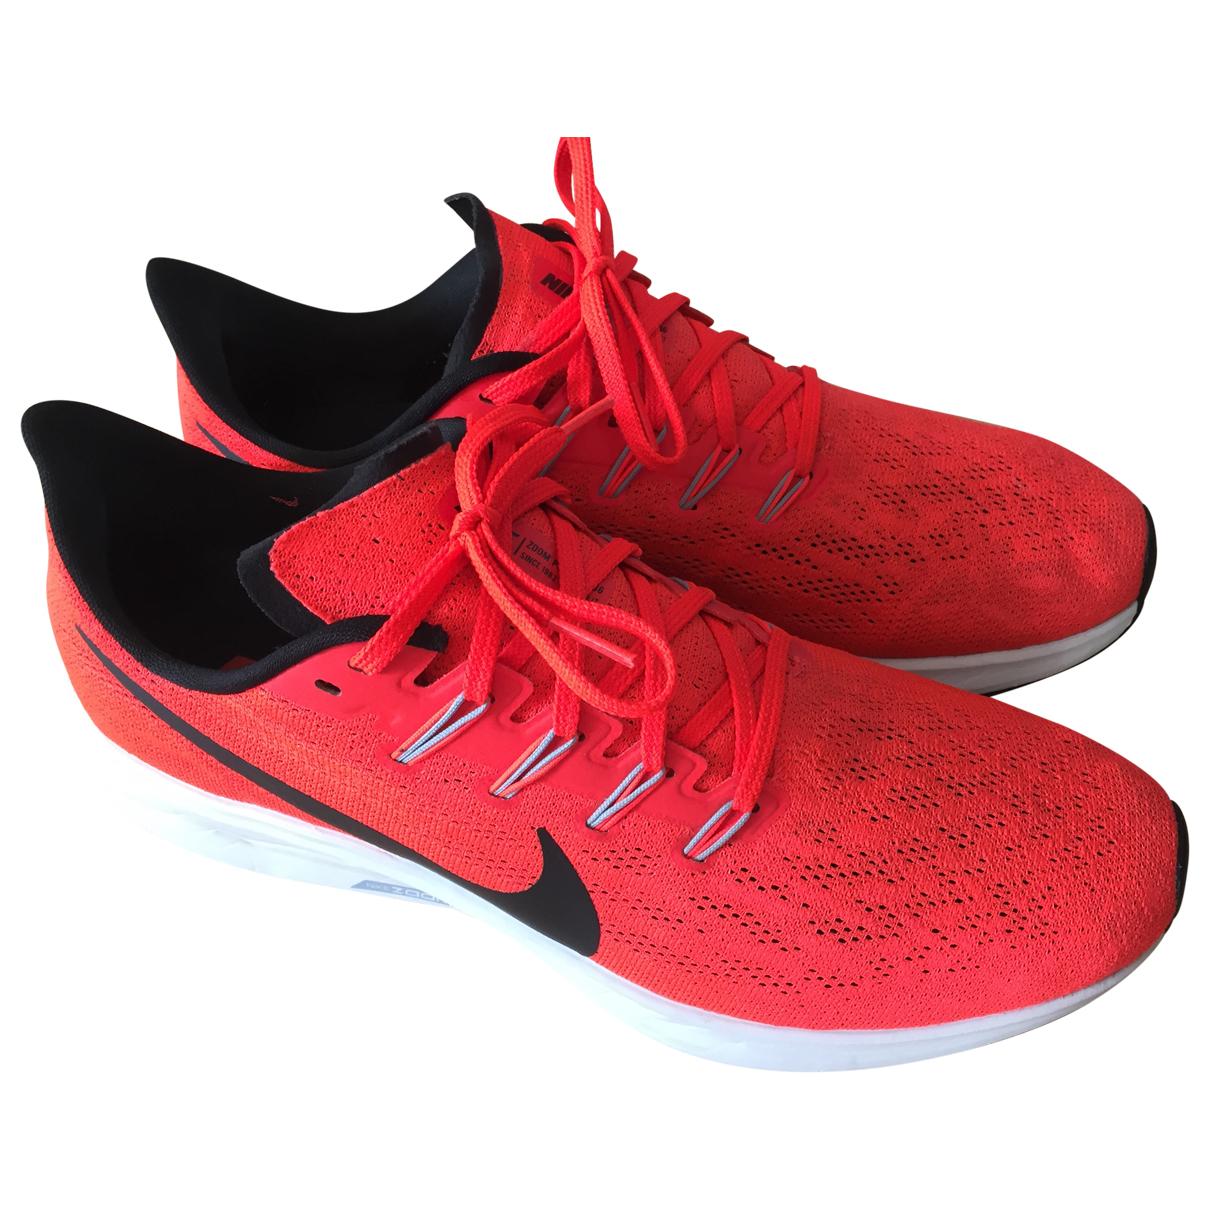 Nike Air Zoom Pegasus Orange Cloth Trainers for Men 9.5 UK